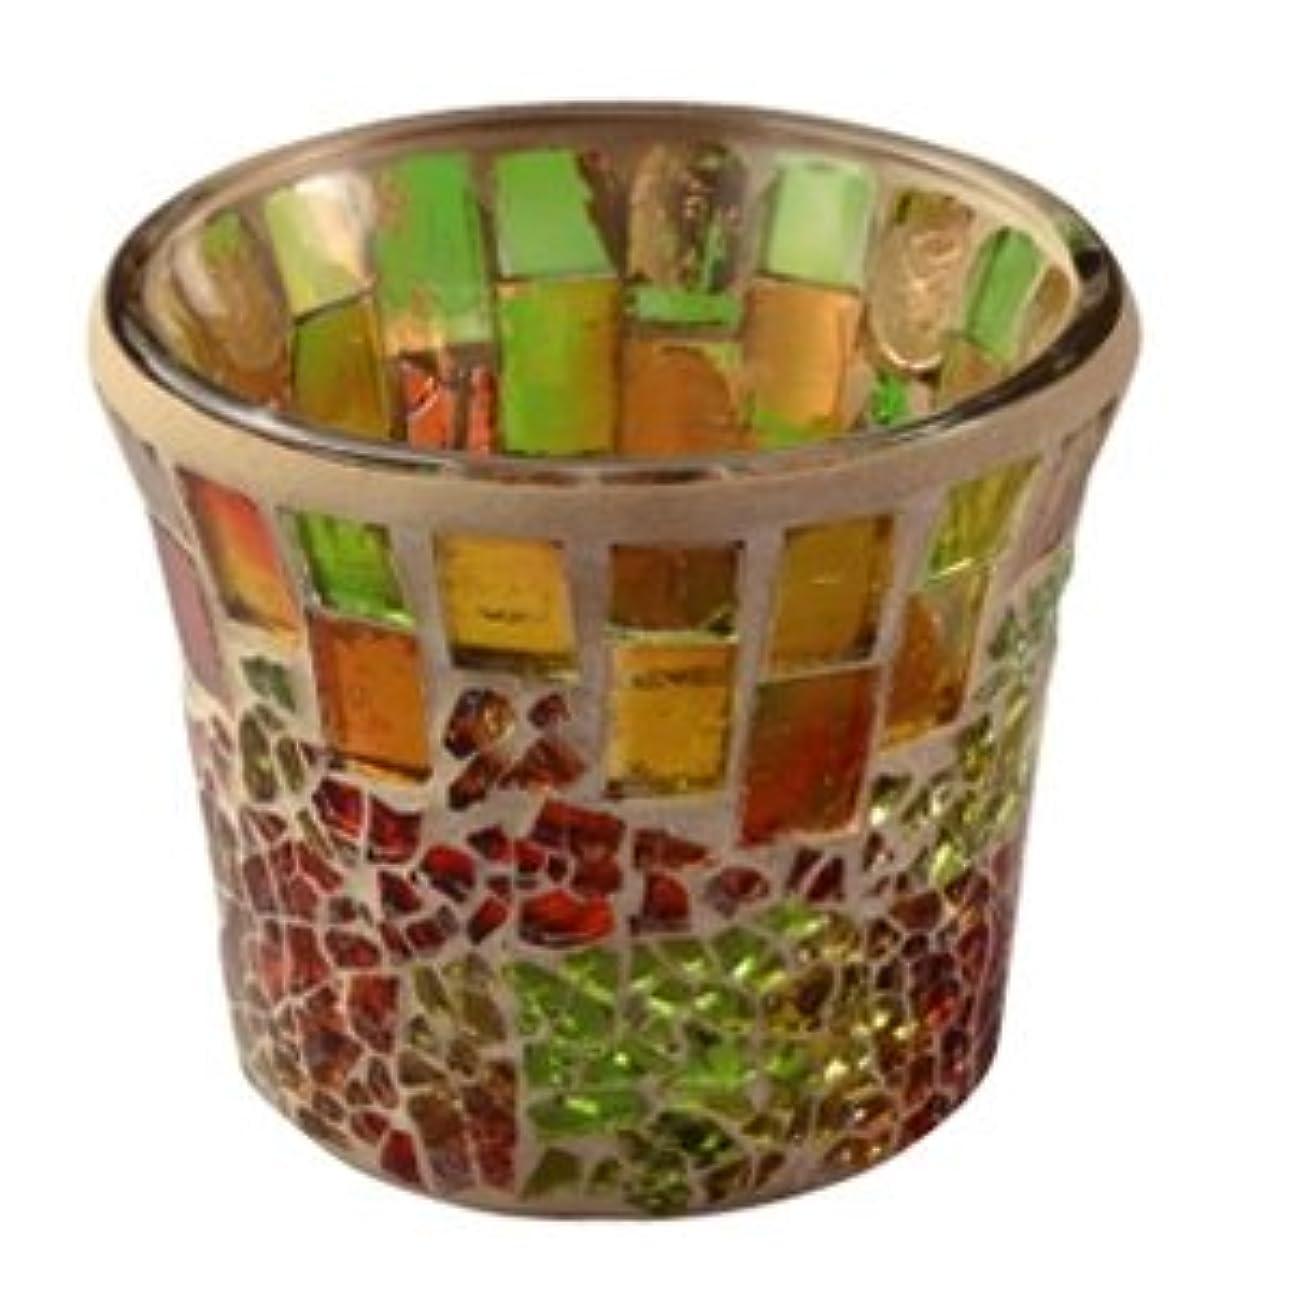 崖病なペフキャンドル モザイクカップ クラシーク